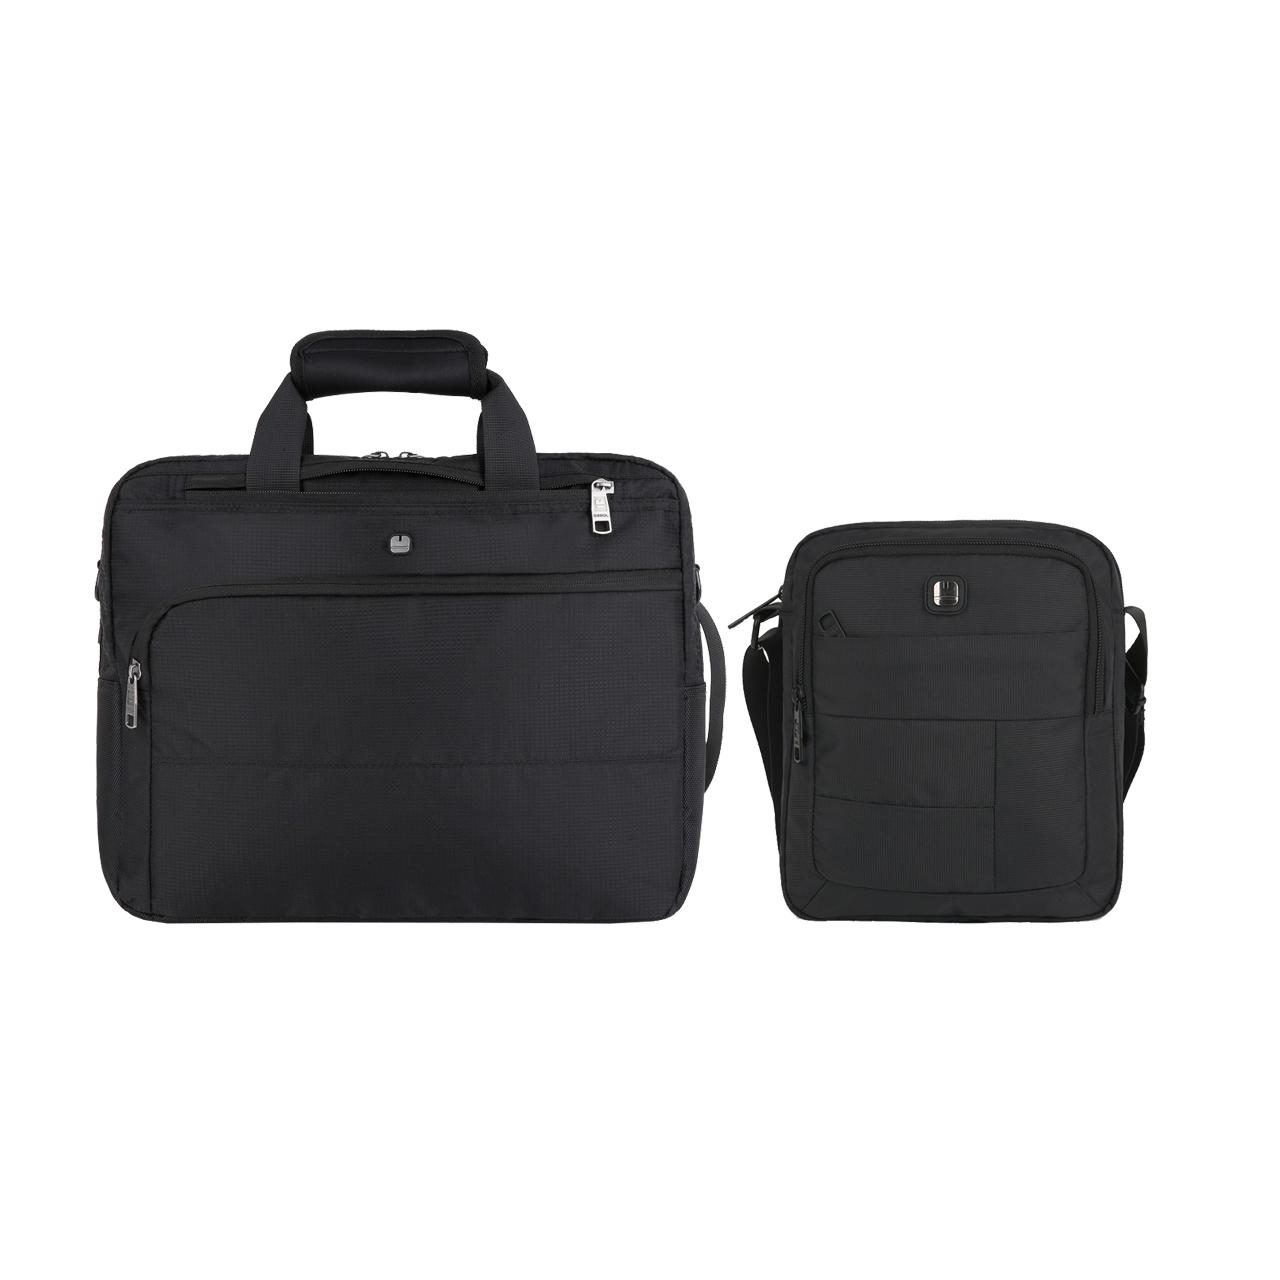 کیف لپ تاپ گابل مدل Dark 410620 مناسب برای لپ تاپ 15 اینچی به همراه کیف دوشی